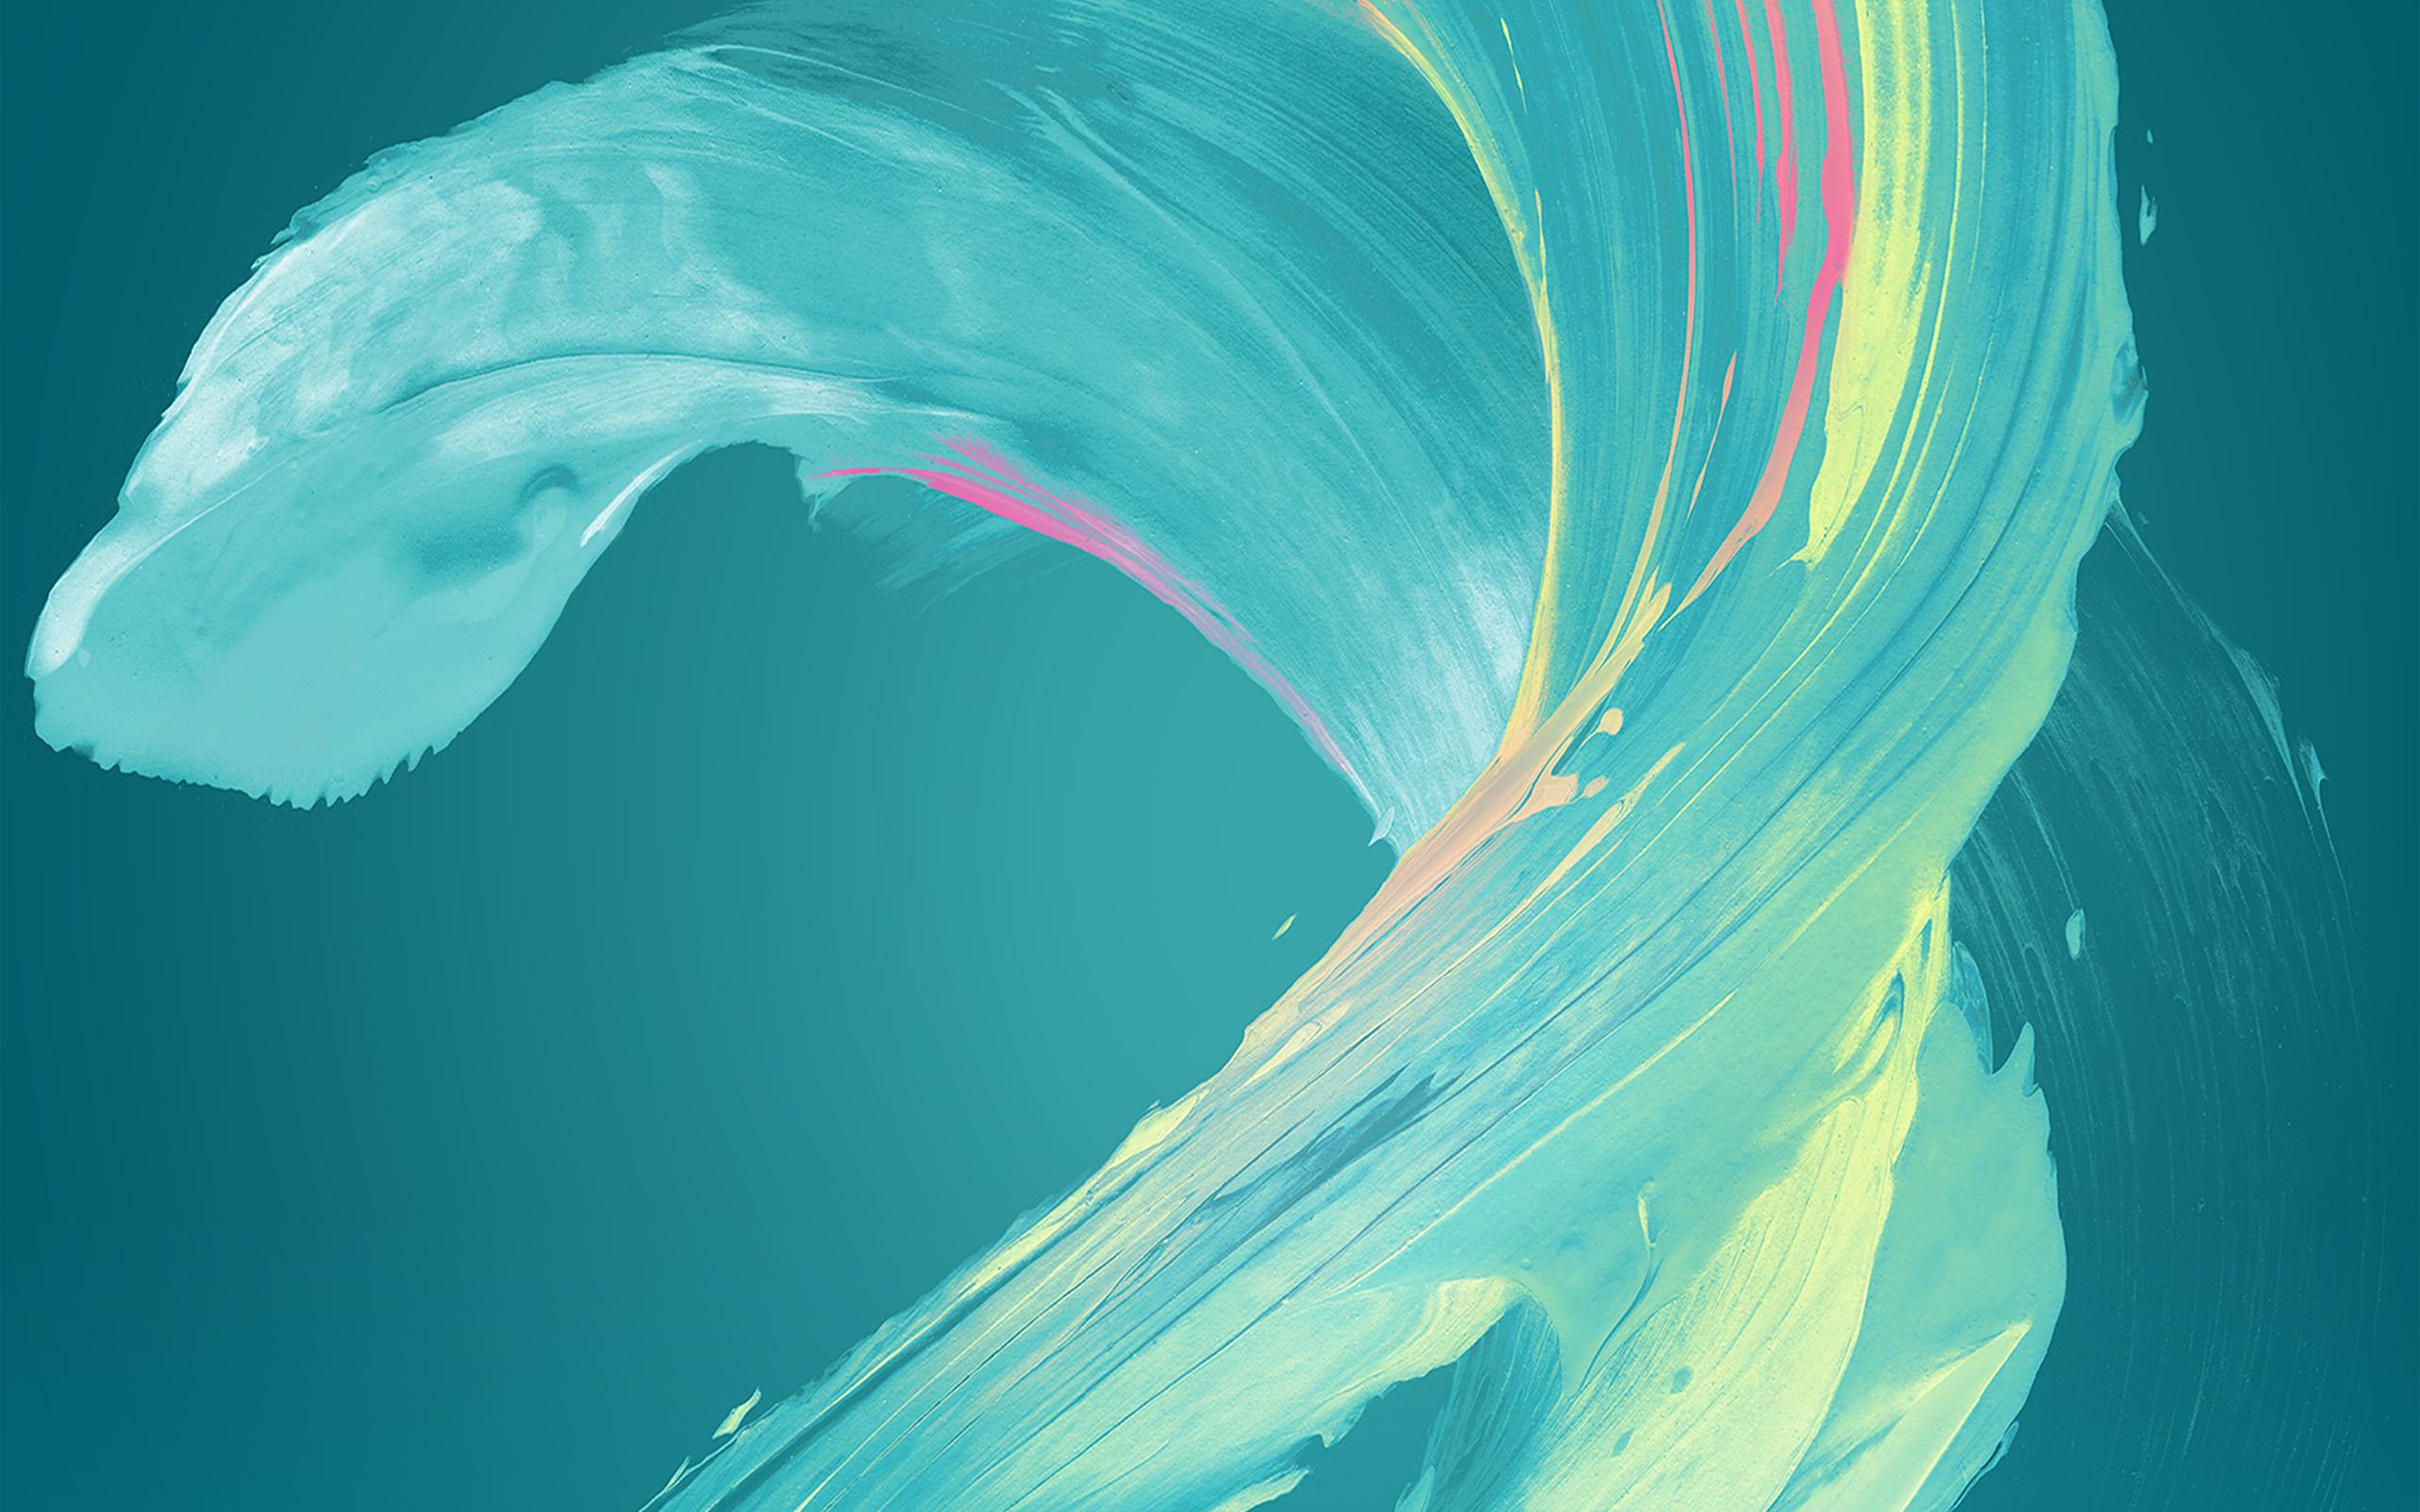 Iphone 5 Wave Wallpaper Vu44 Paint Blue Art Xperia Pattern Wallpaper